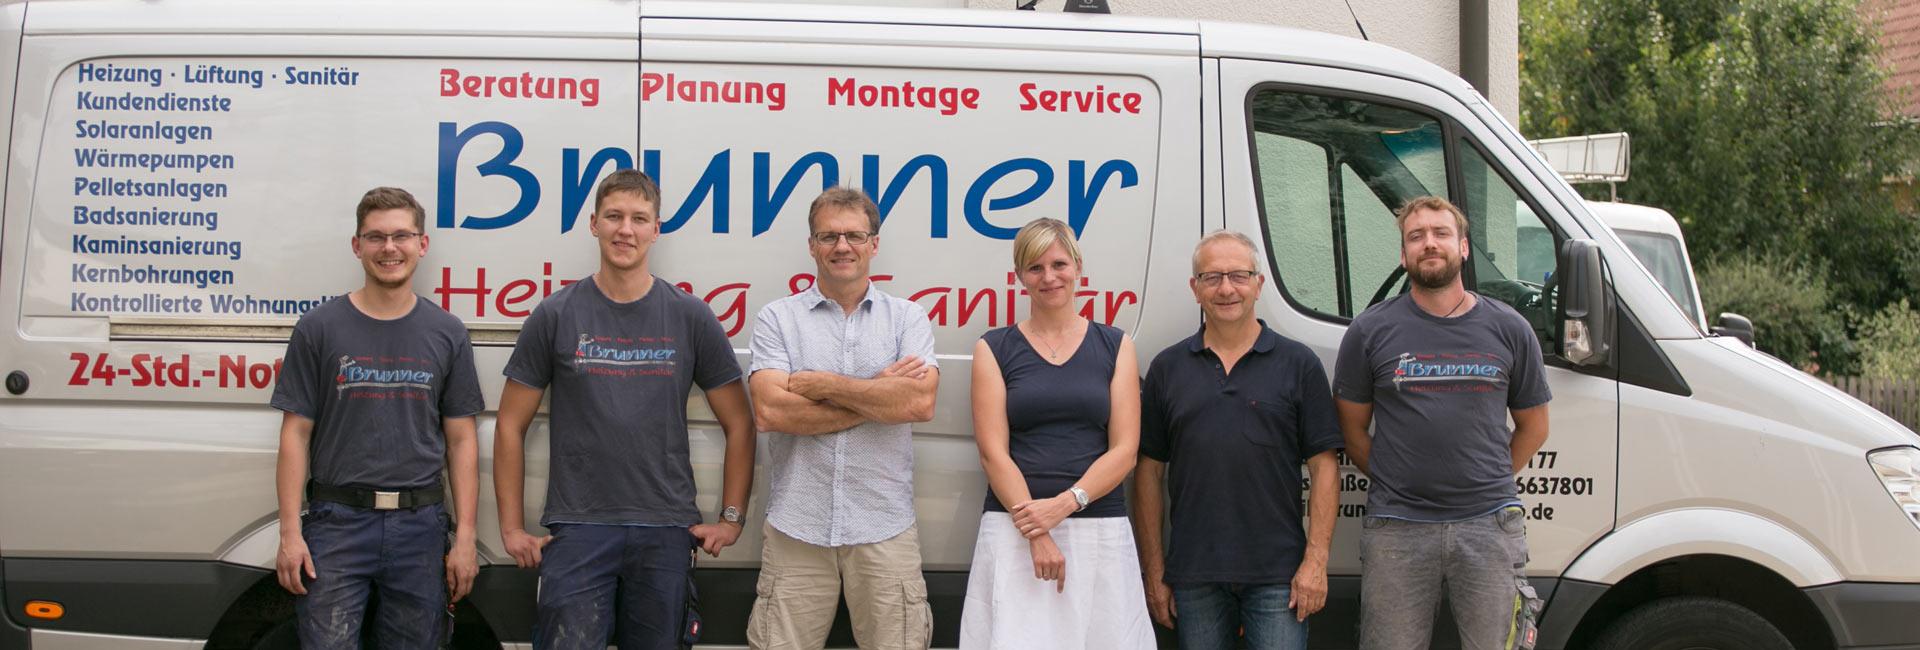 Unser Team von Brunner Heizung & Sanitär